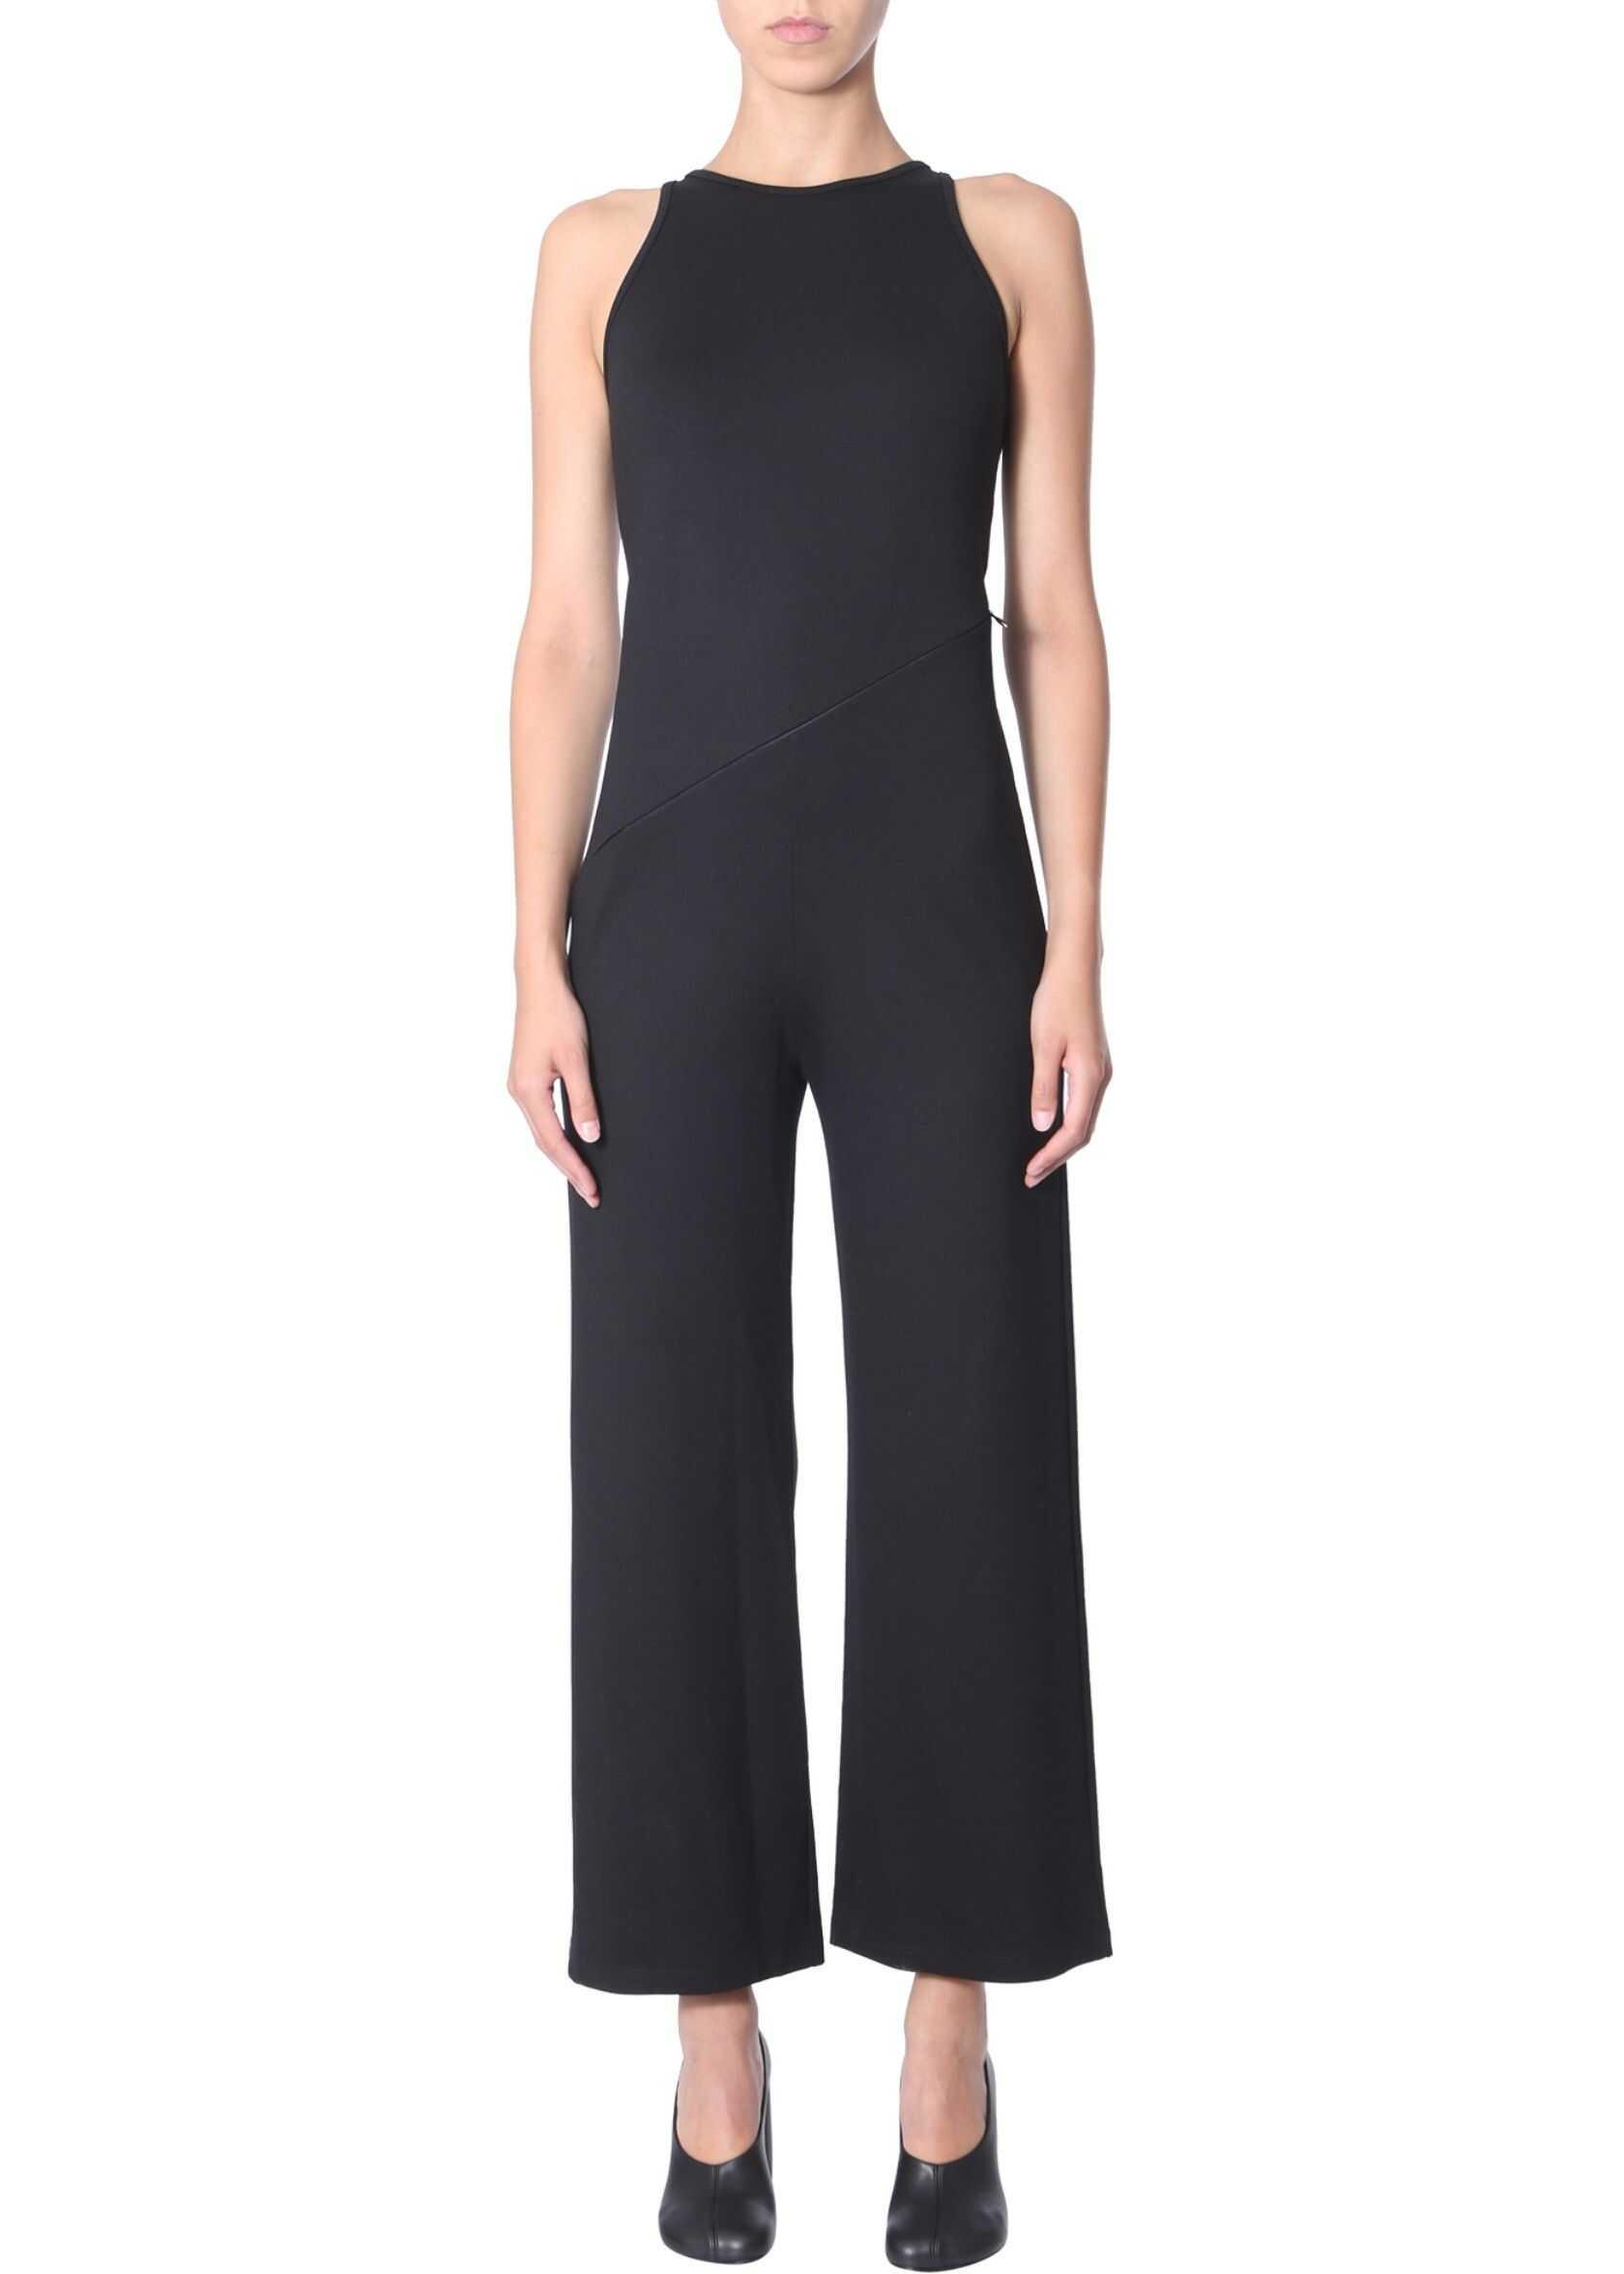 MM6 Maison Margiela Whole Suit BLACK